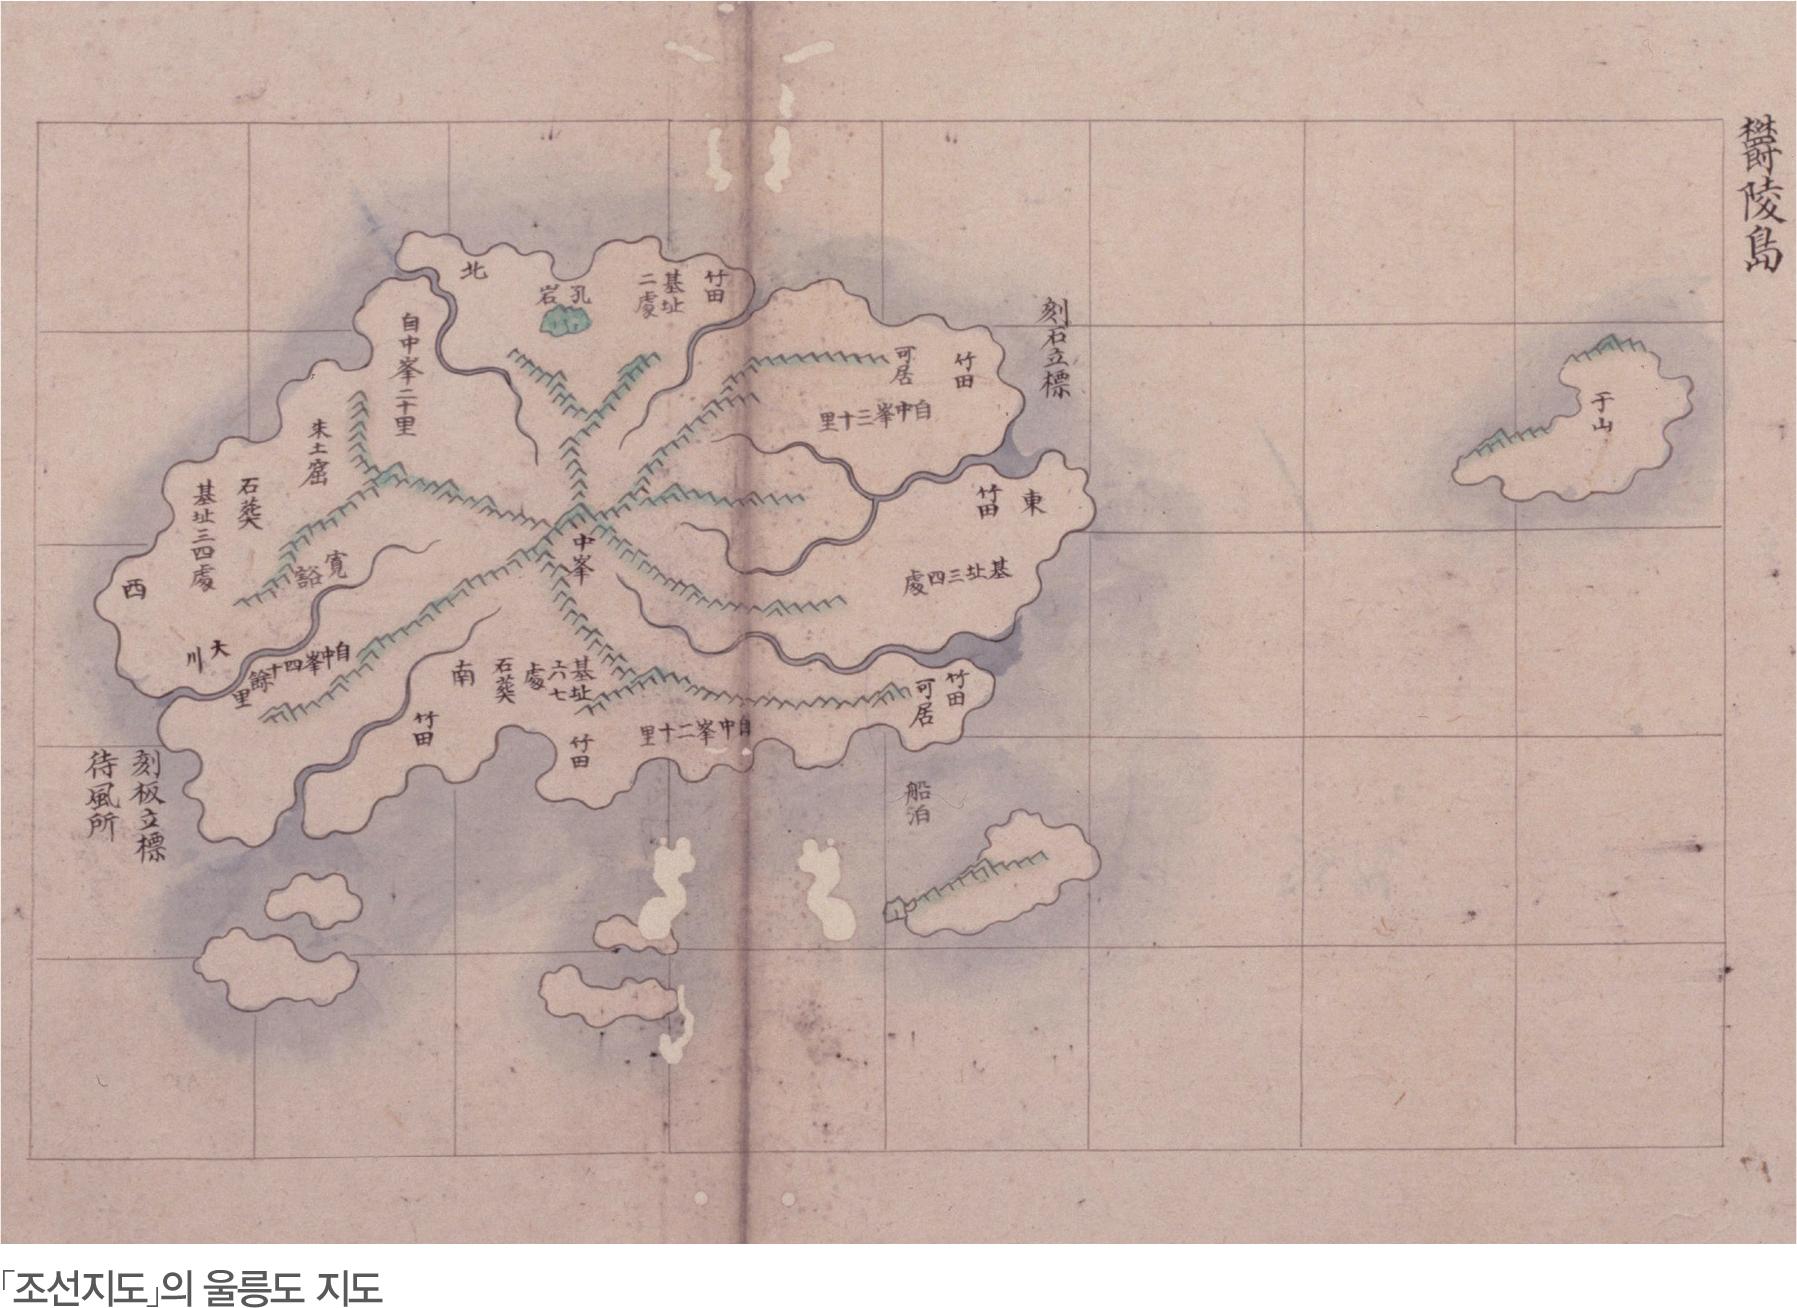 조선지도의 울릉도 지도